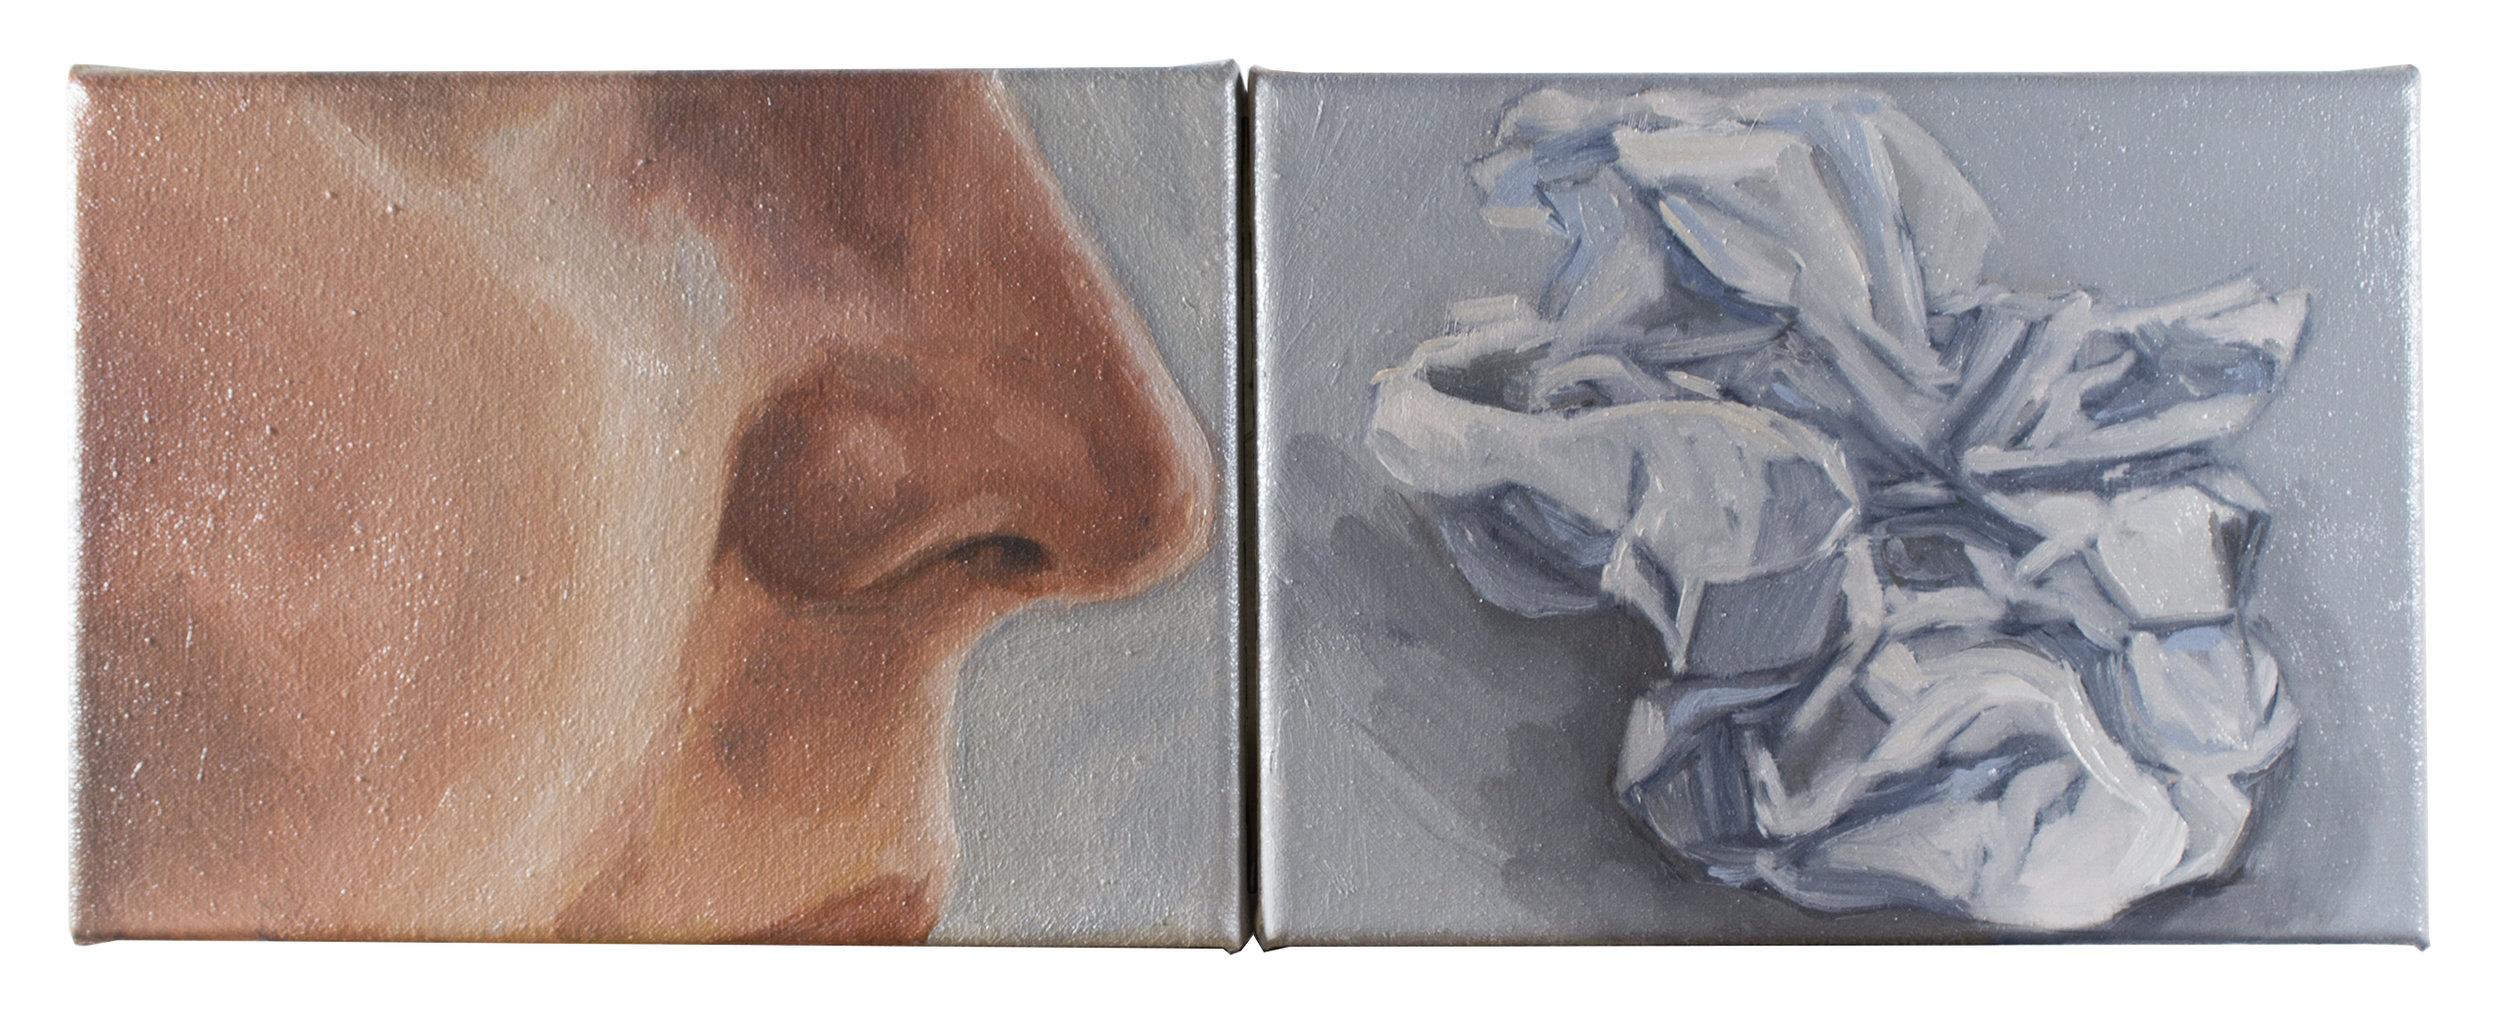 Nose/Tissue